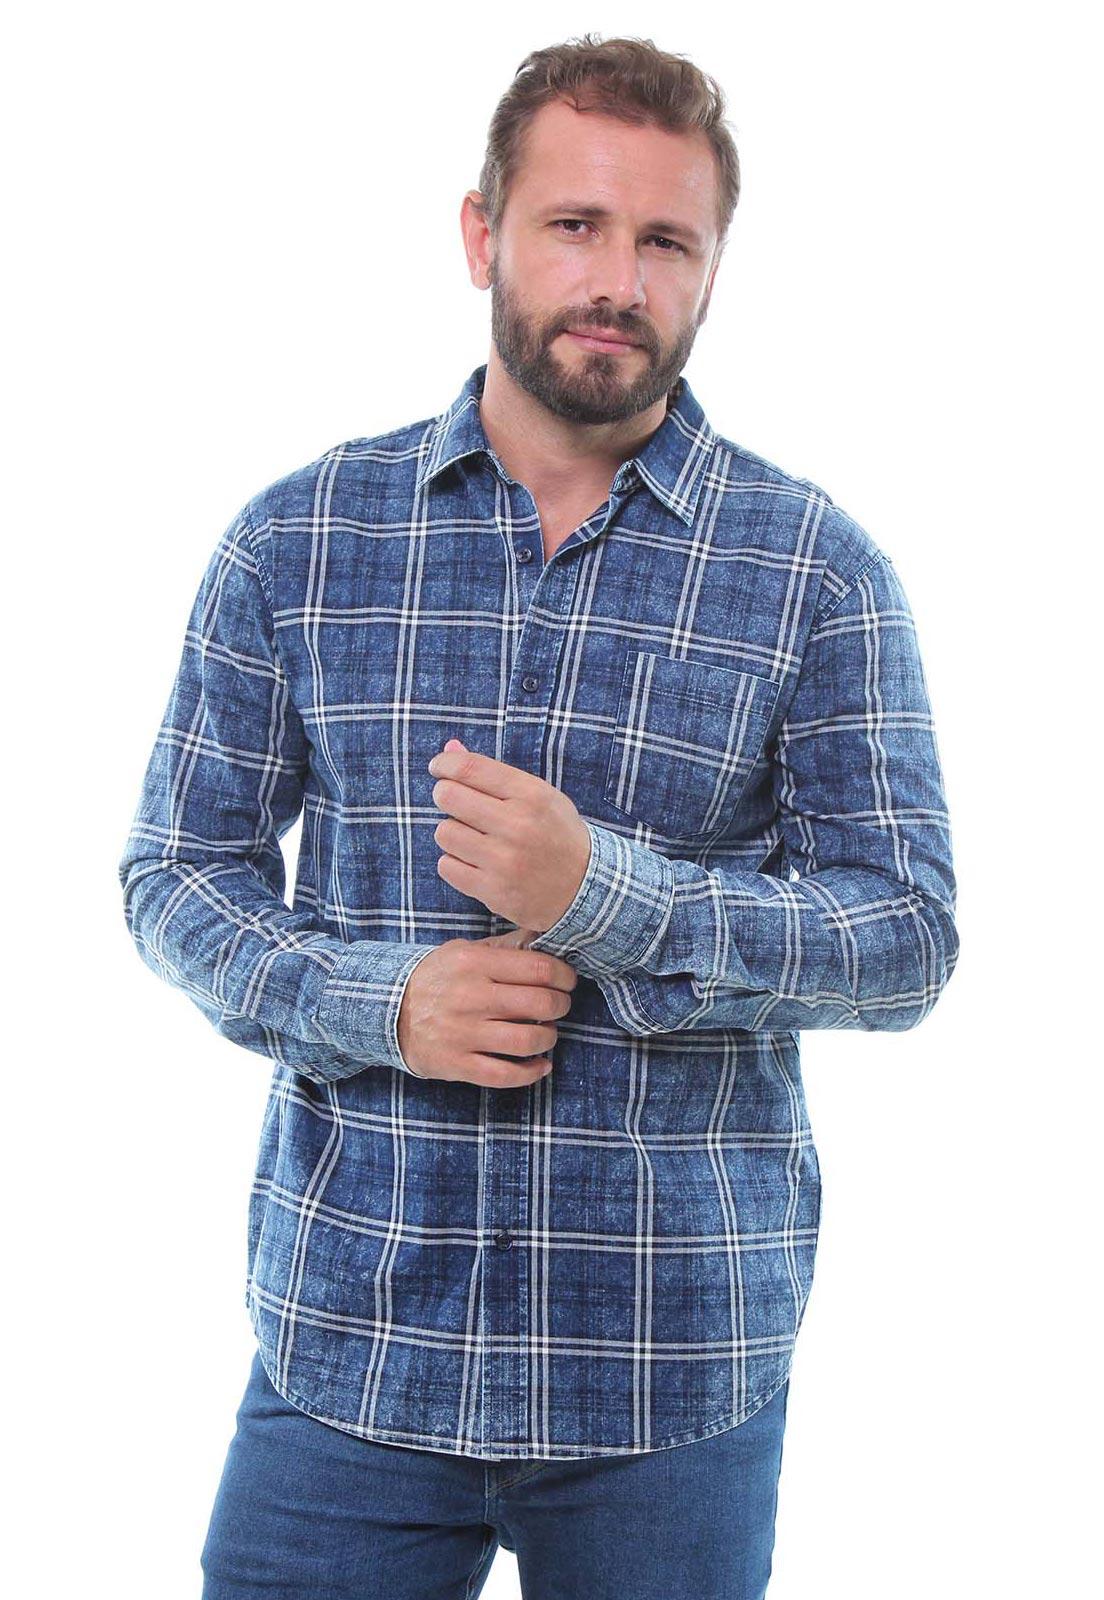 Camisa Masculina Manga Longa Xadrez Estonada Crocker - 46905  - CROCKER JEANS